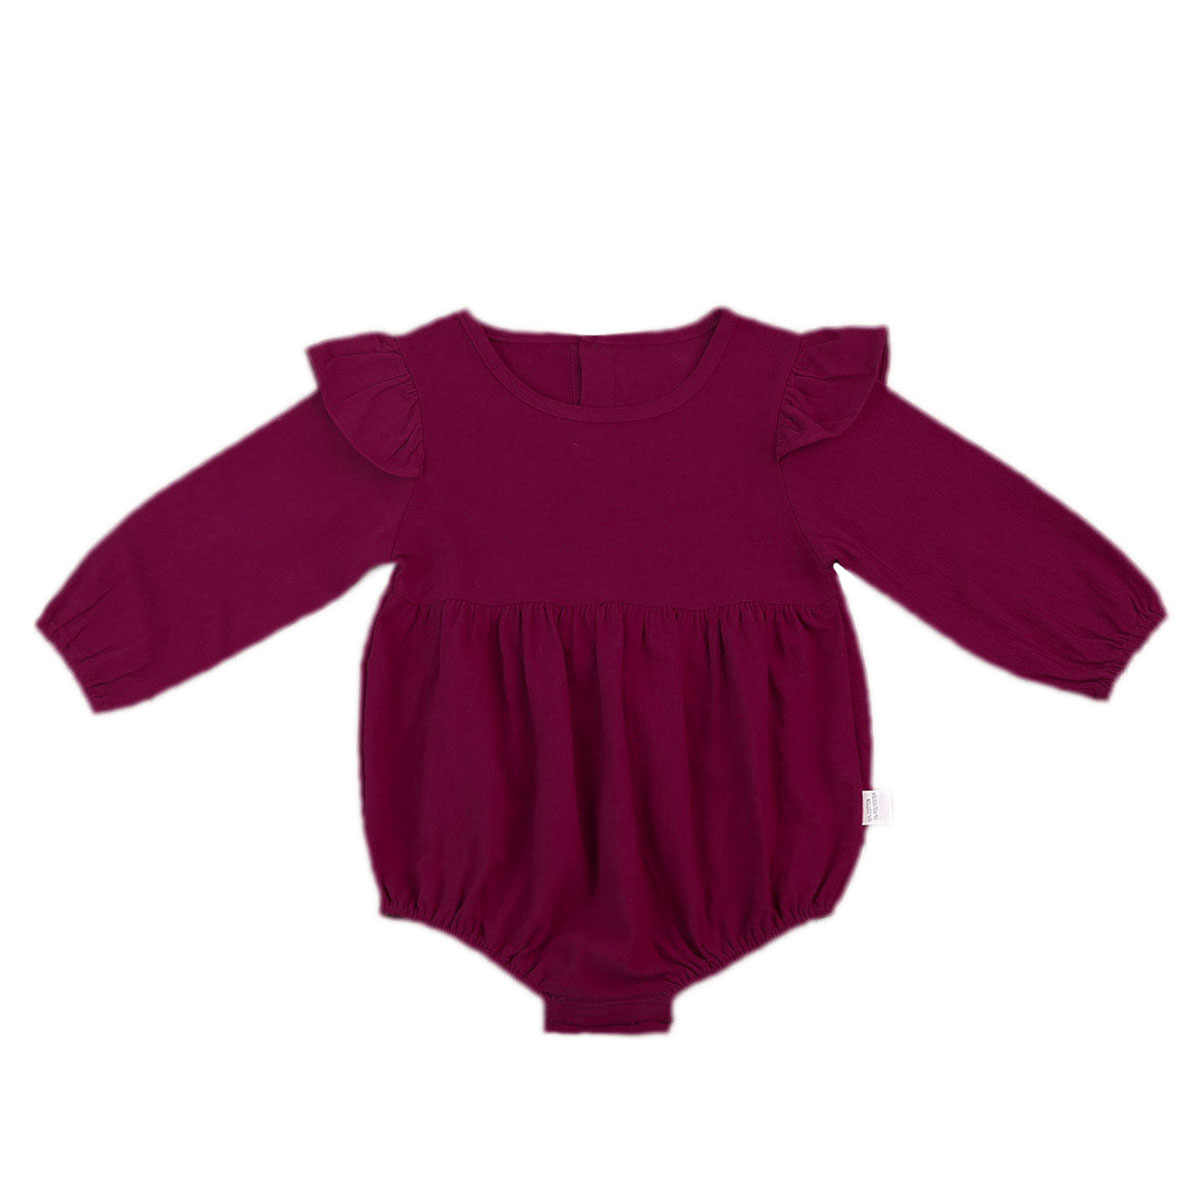 Pudcoco/однотонные хлопковые детские Осенние Комбинезоны; винтажный комбинезон для маленьких девочек; детская одежда с длинными рукавами; 3 мес.-3 года